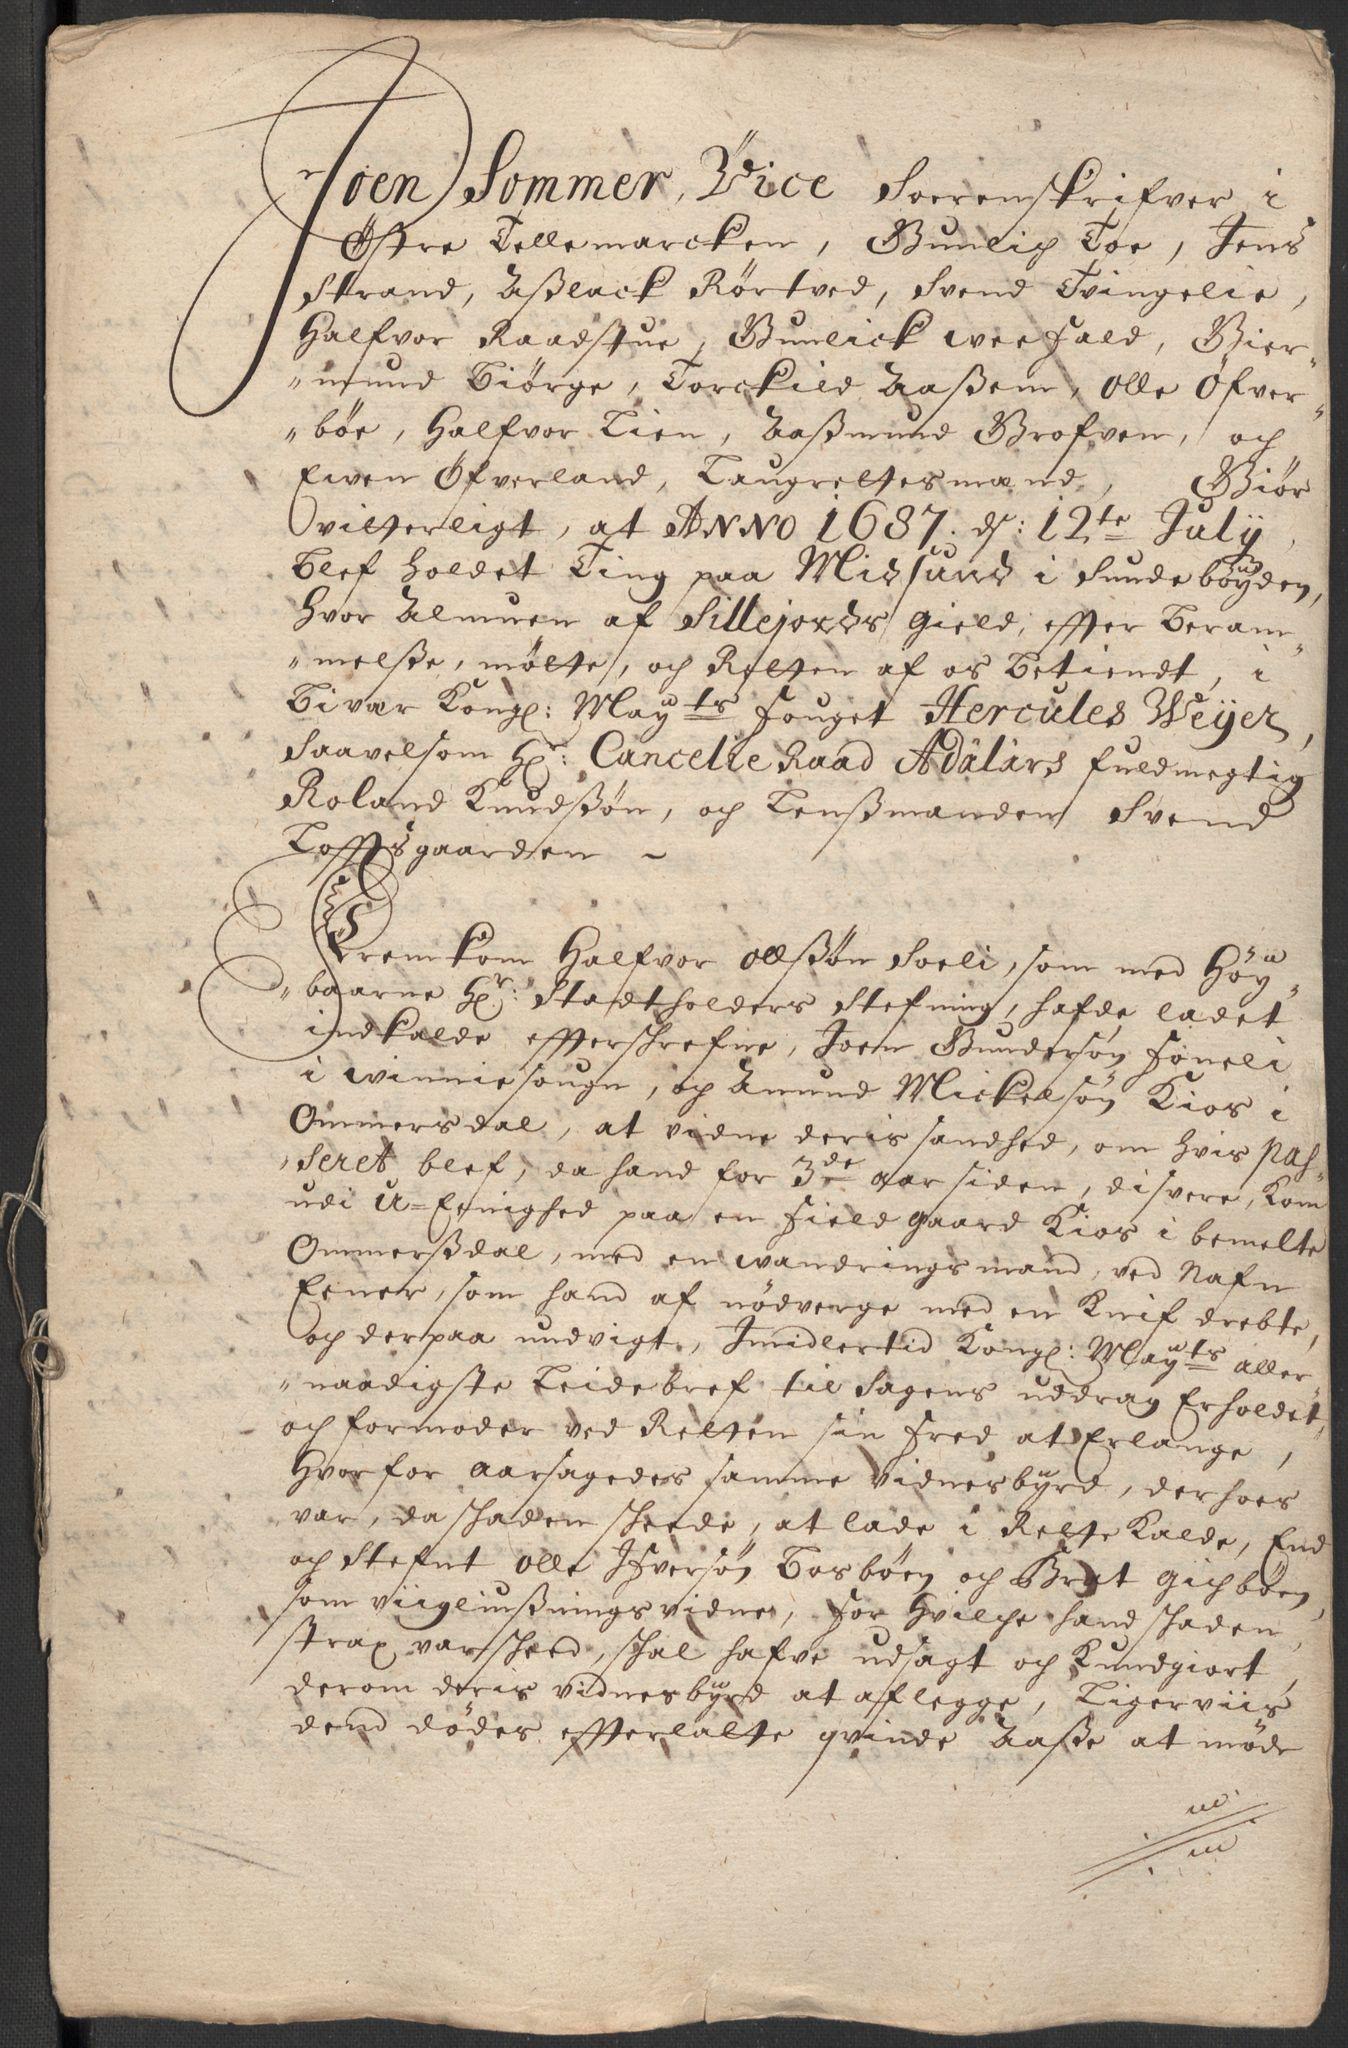 RA, Rentekammeret inntil 1814, Reviderte regnskaper, Fogderegnskap, R35/L2086: Fogderegnskap Øvre og Nedre Telemark, 1687-1689, s. 47